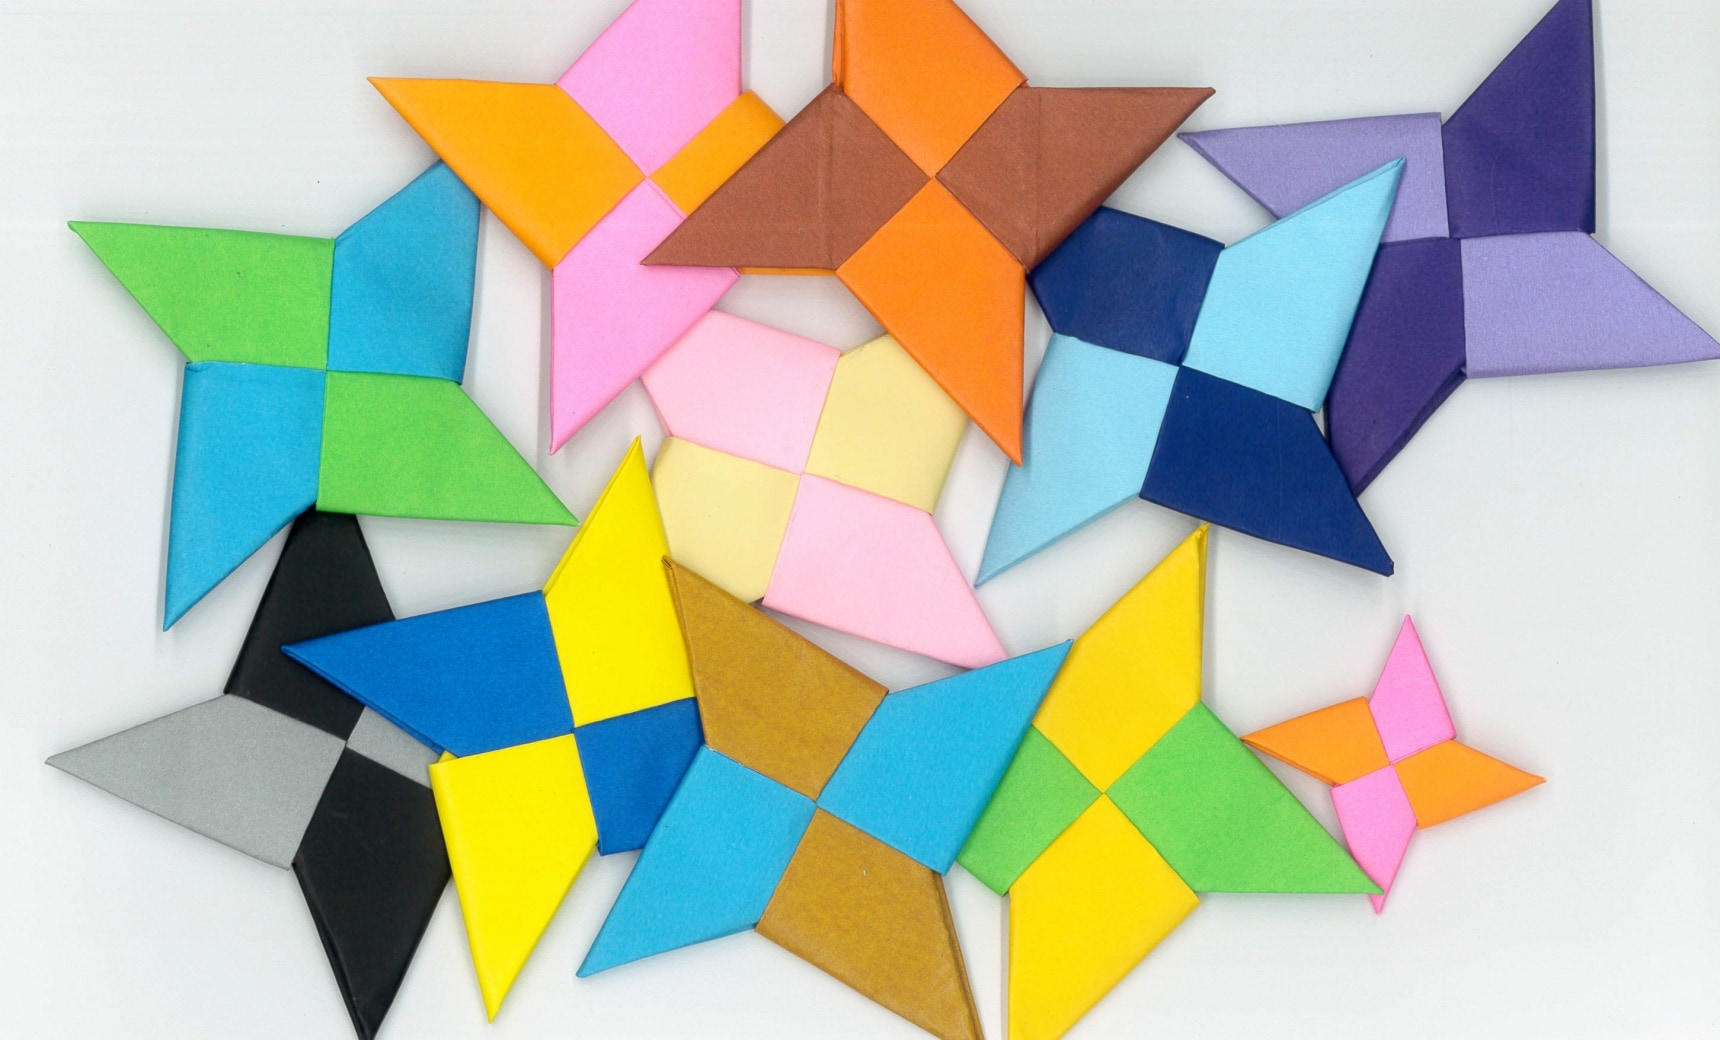 มา D.I.Y. ชูริเคน 6 แบบด้วย Origami กัน